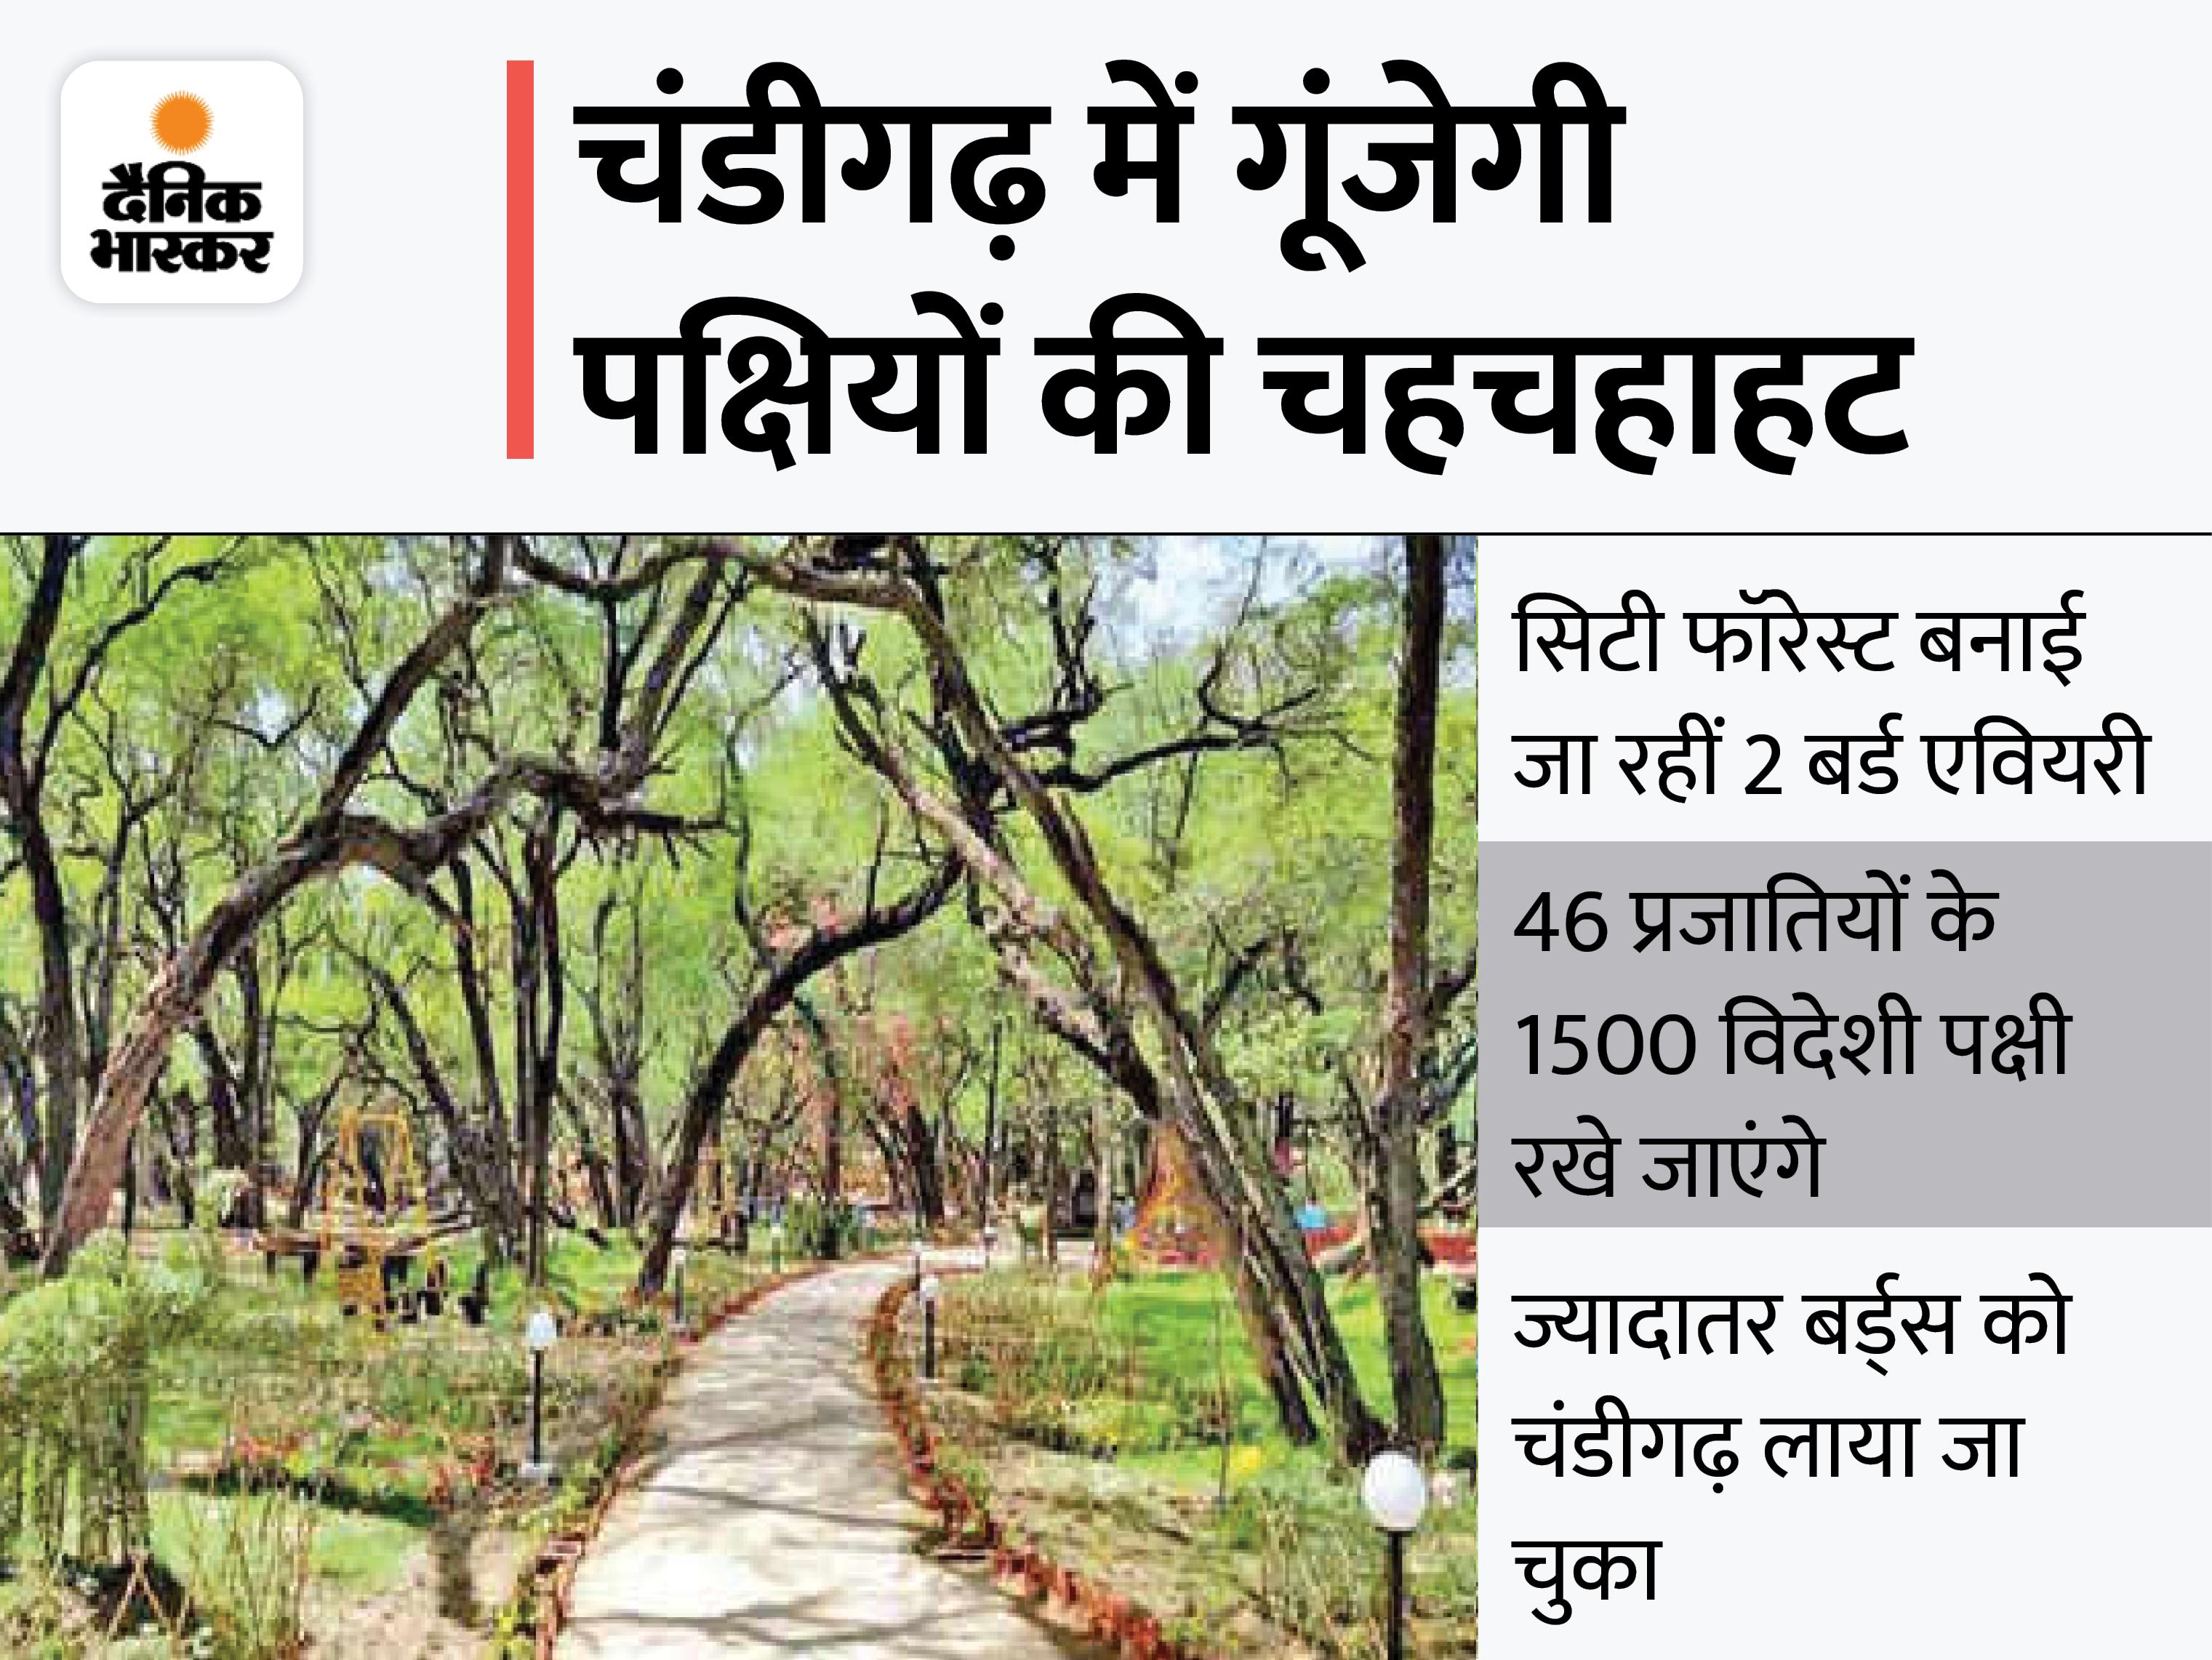 शहर का दौरा करके गई सेंट्रल जू अथॉरिटी की सिफारिशों पर प्रोजेक्ट को मिली मंजूरी|चंडीगढ़,Chandigarh - Dainik Bhaskar